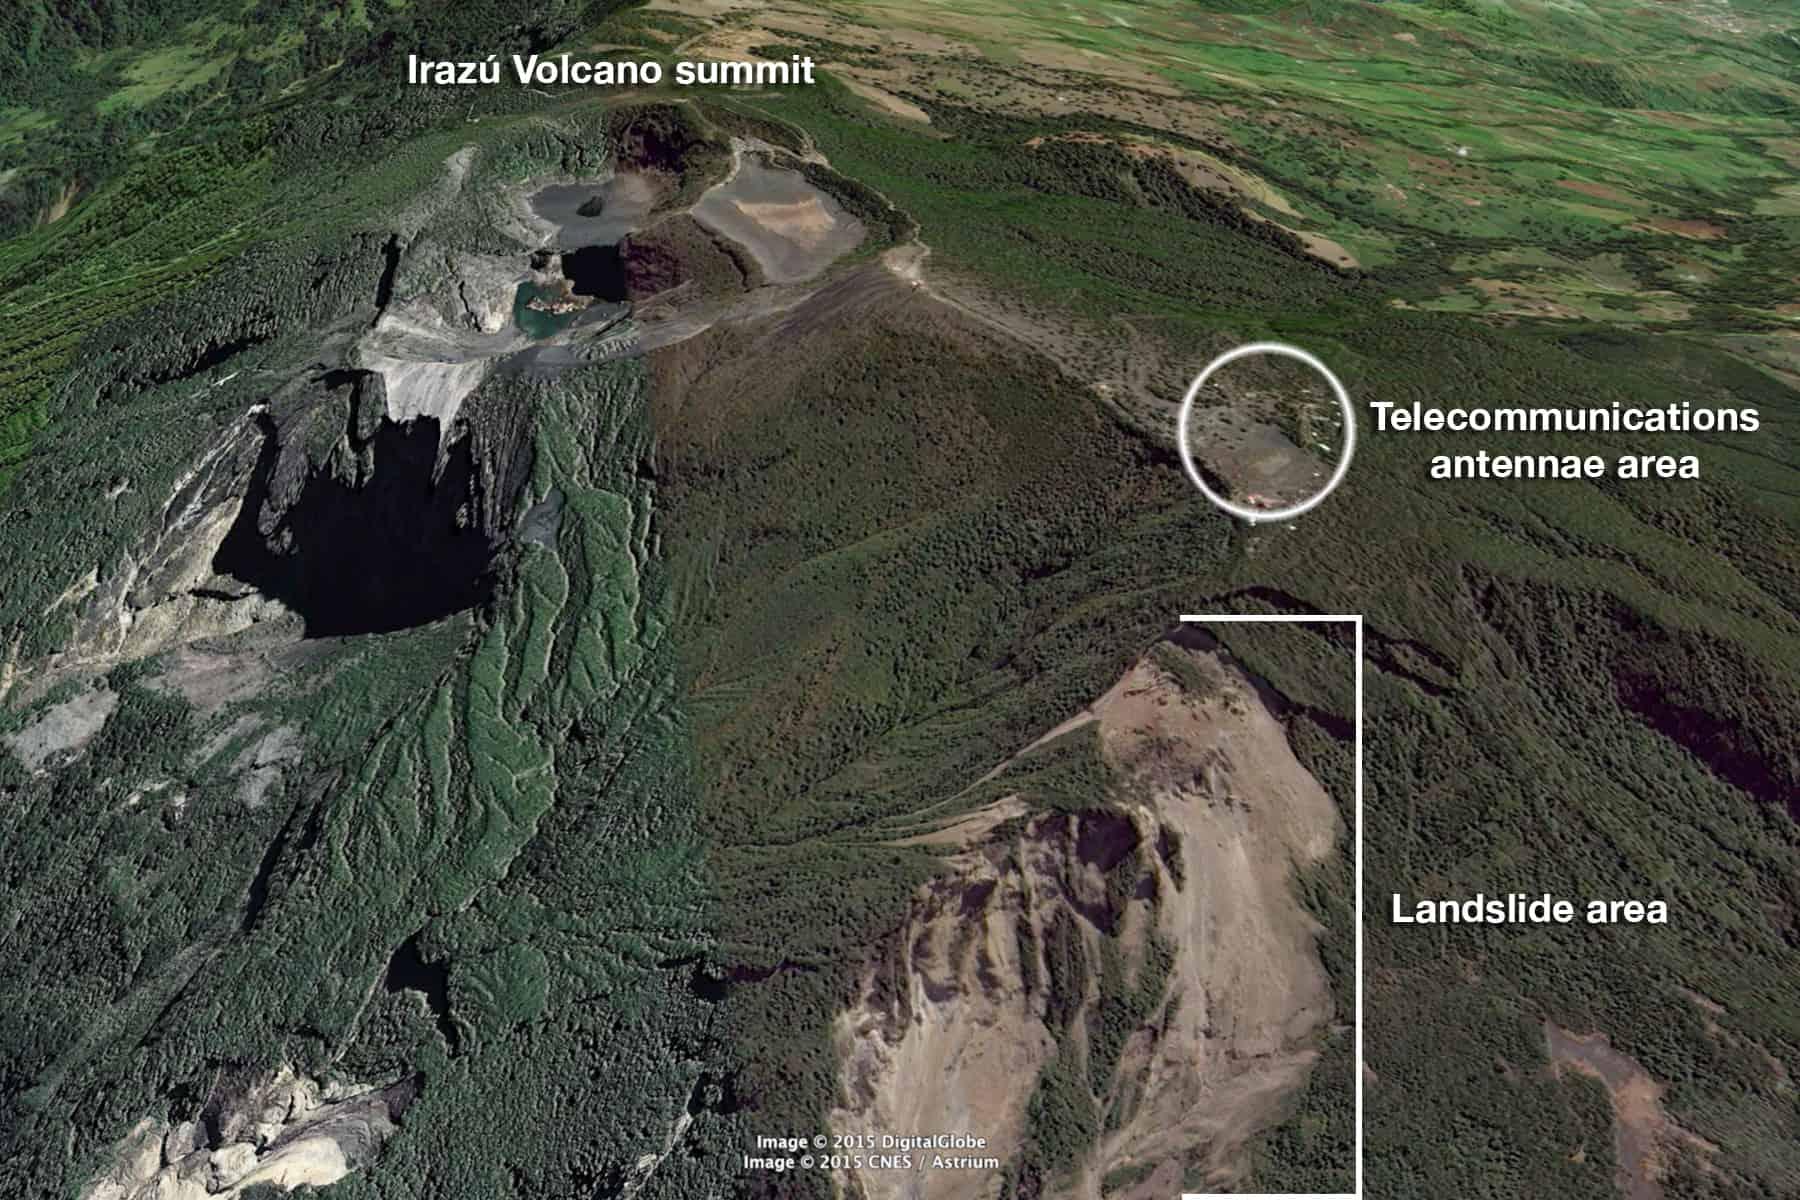 Landslides at Irazú Volcano